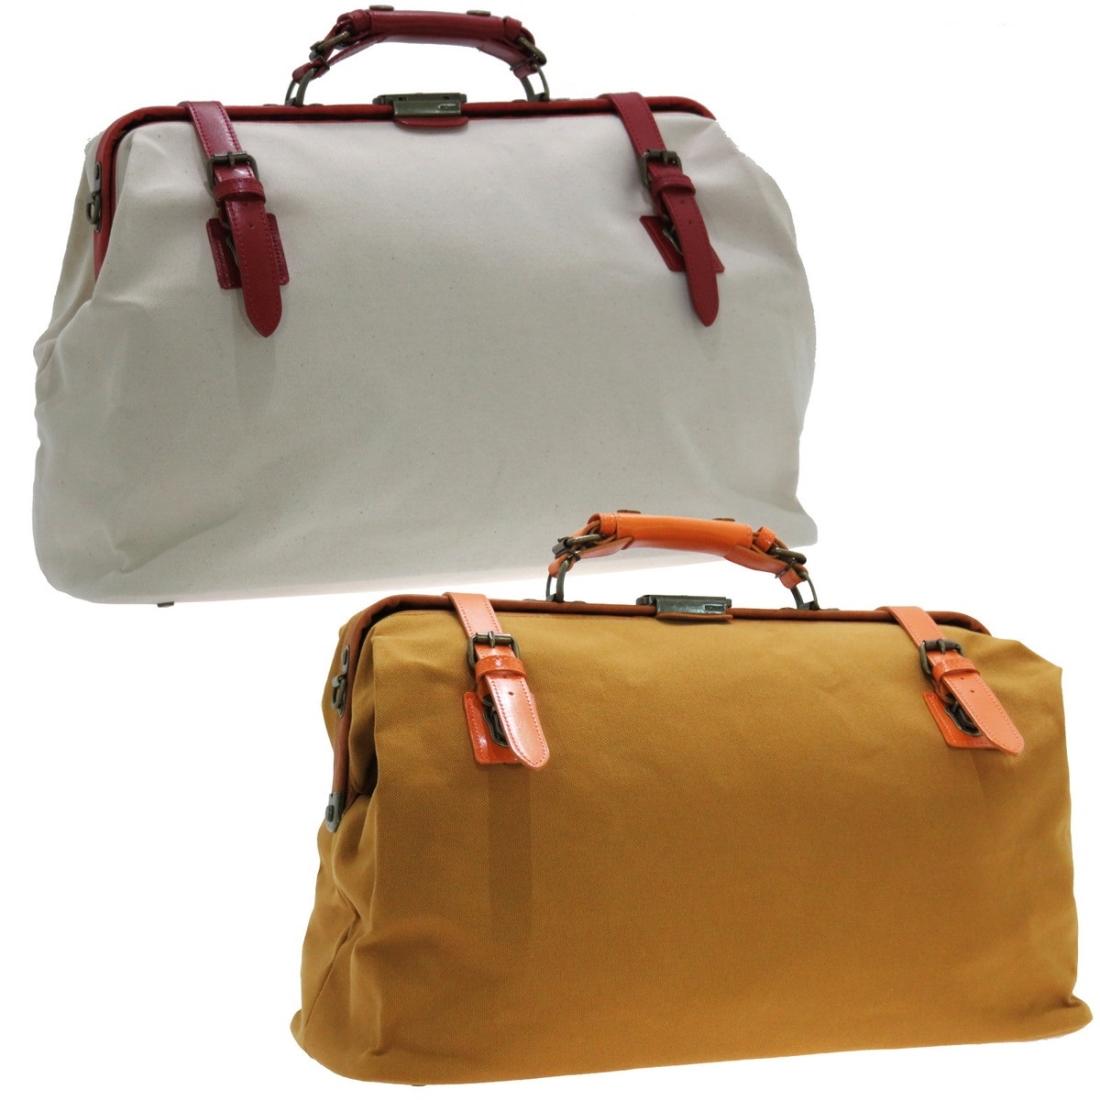 帆布ダレスボストンバッグ大 旅行 トラベルボストンバッグ キャメル 日本製鞄 ボストン 大 トラベル バッグ